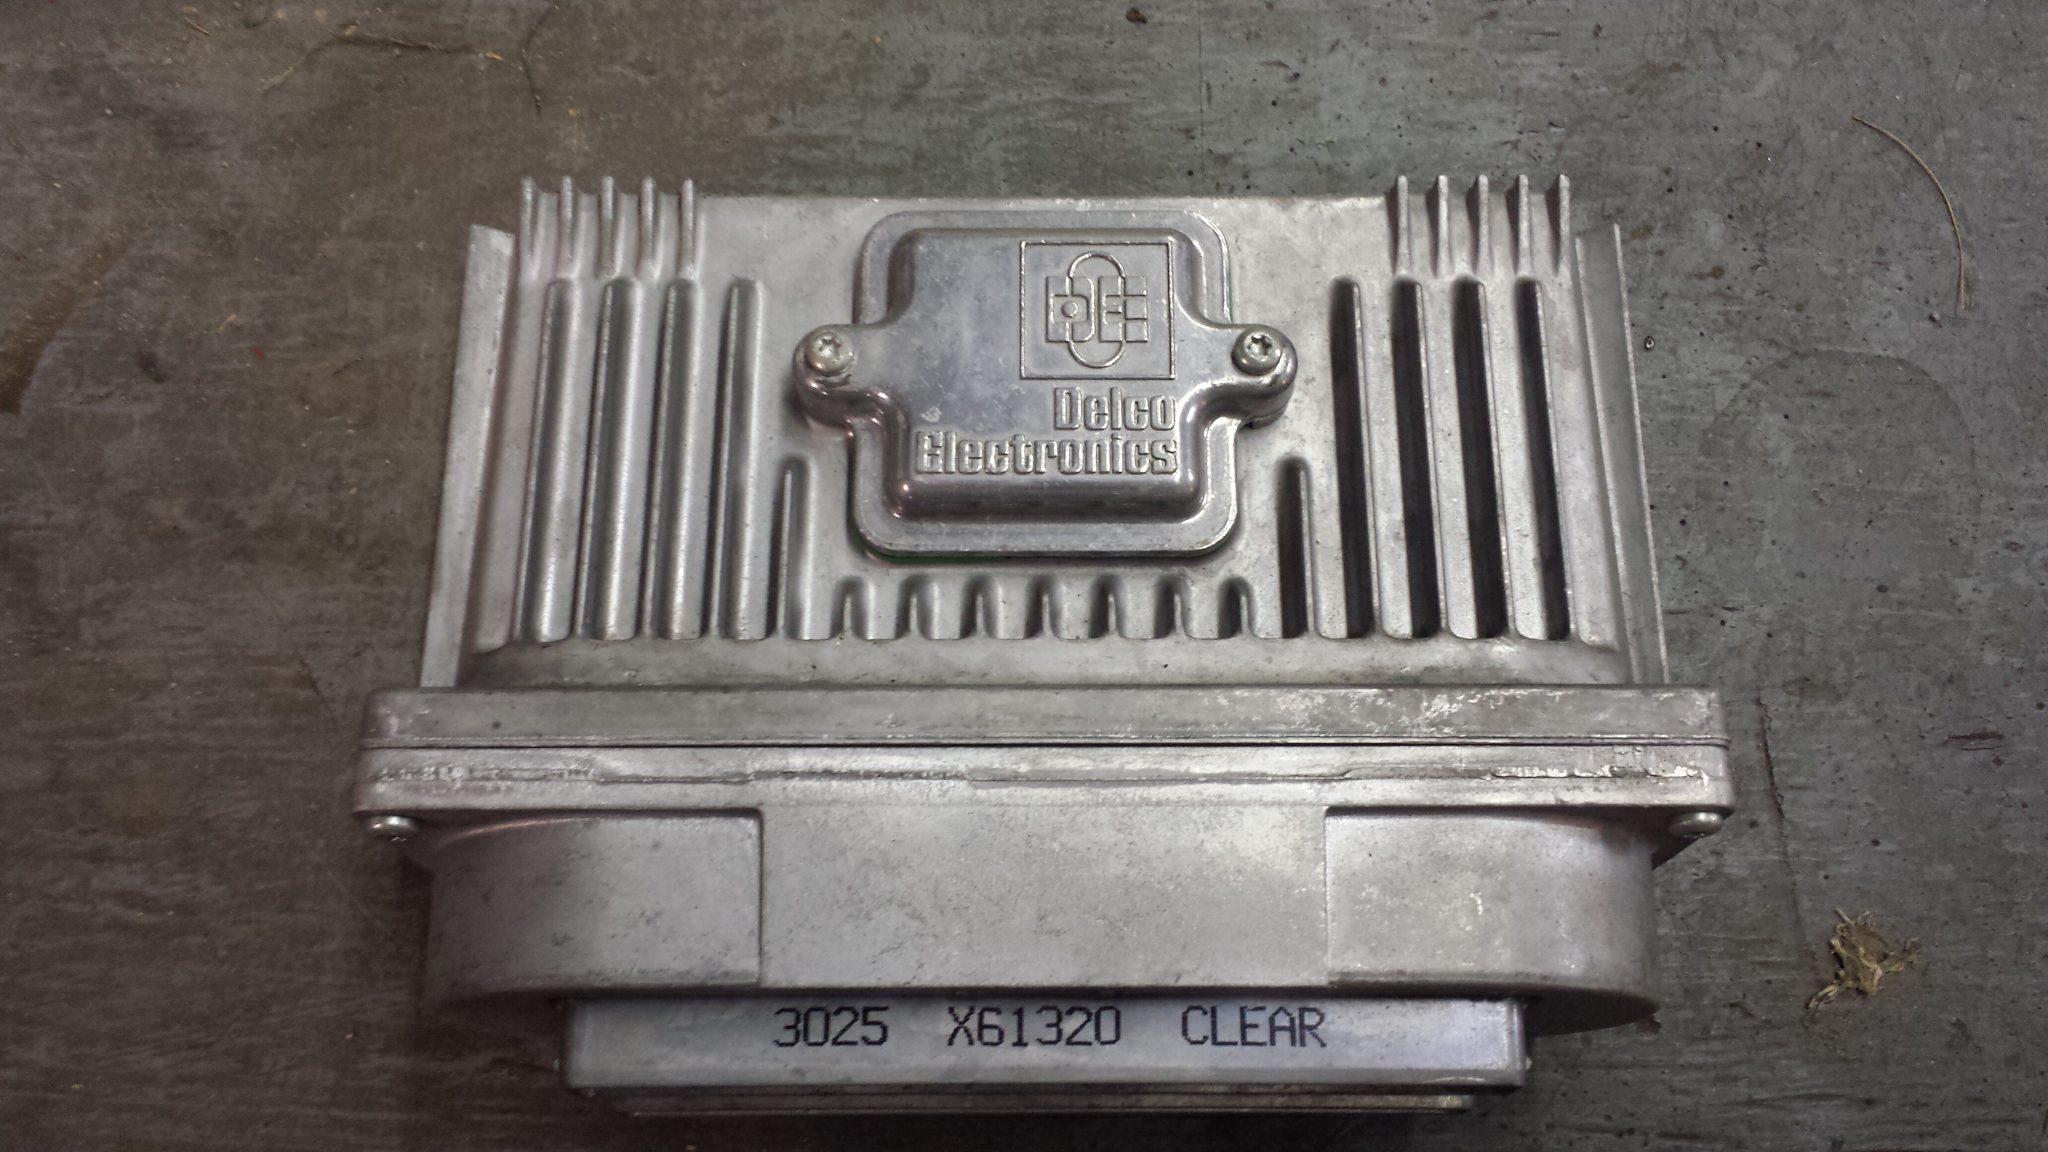 کامپیوتر خودرو یا ECU دستگاه دیاگ دستگاه دیاگ چیست ؟ img 3424